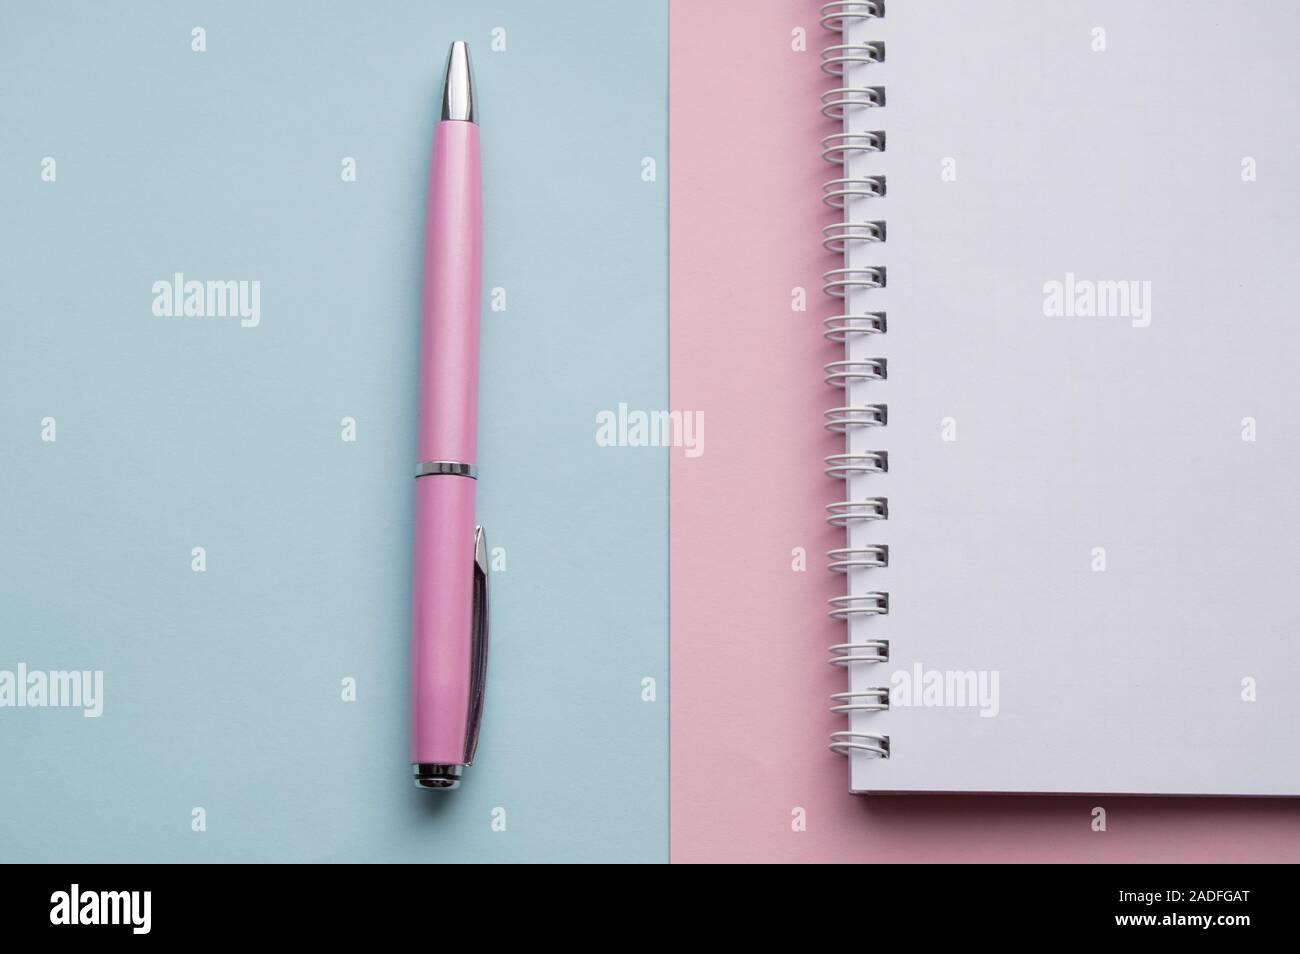 Spirale Notebook mit leeren Seiten und Einweg Füllfederhalter auf Pastell rosa und blauen Hintergrund, Ansicht von oben, flach Stockfoto